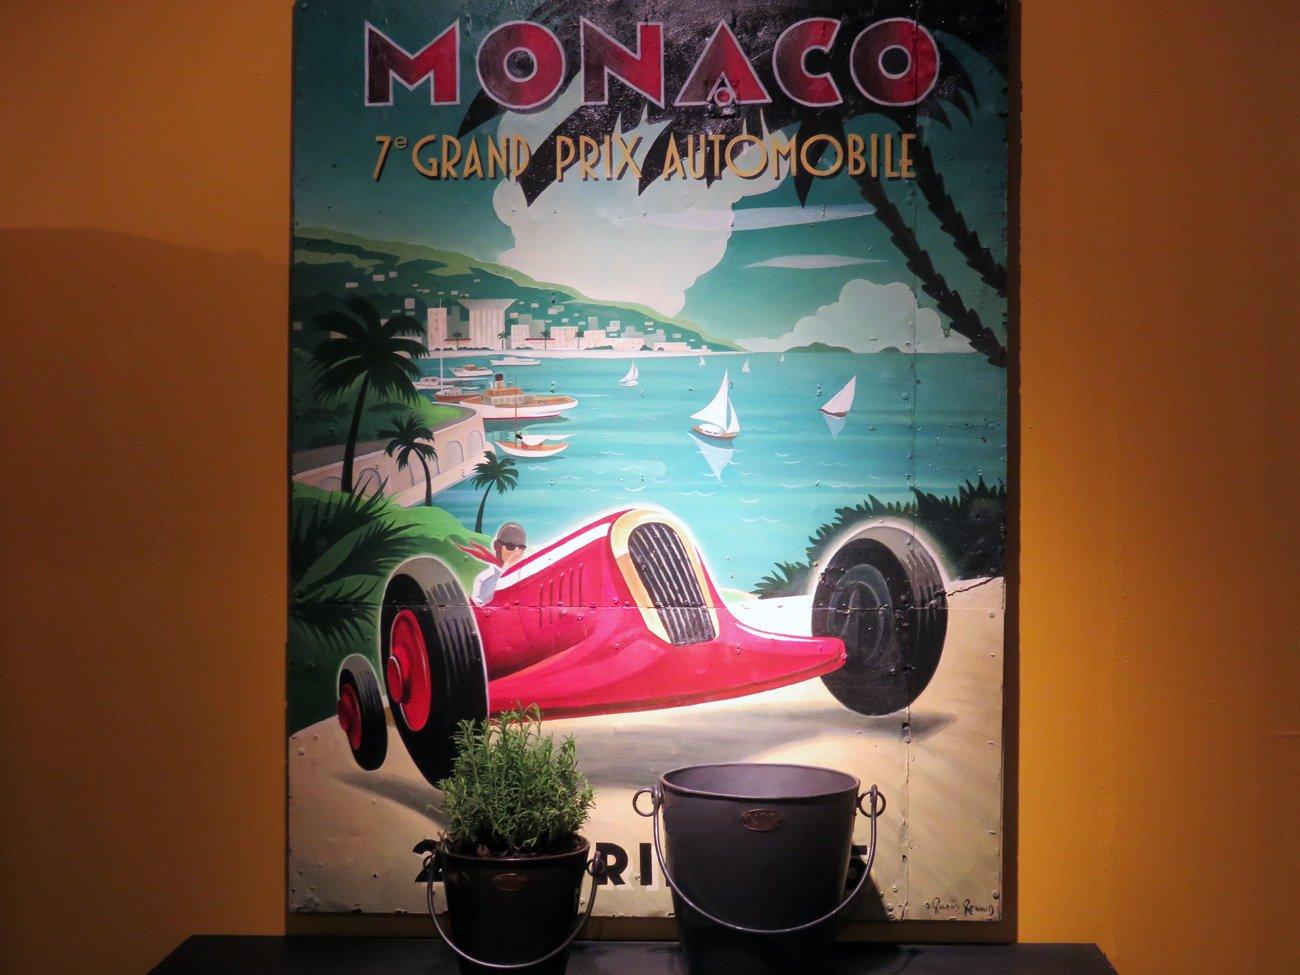 Monaco grand prix artwork